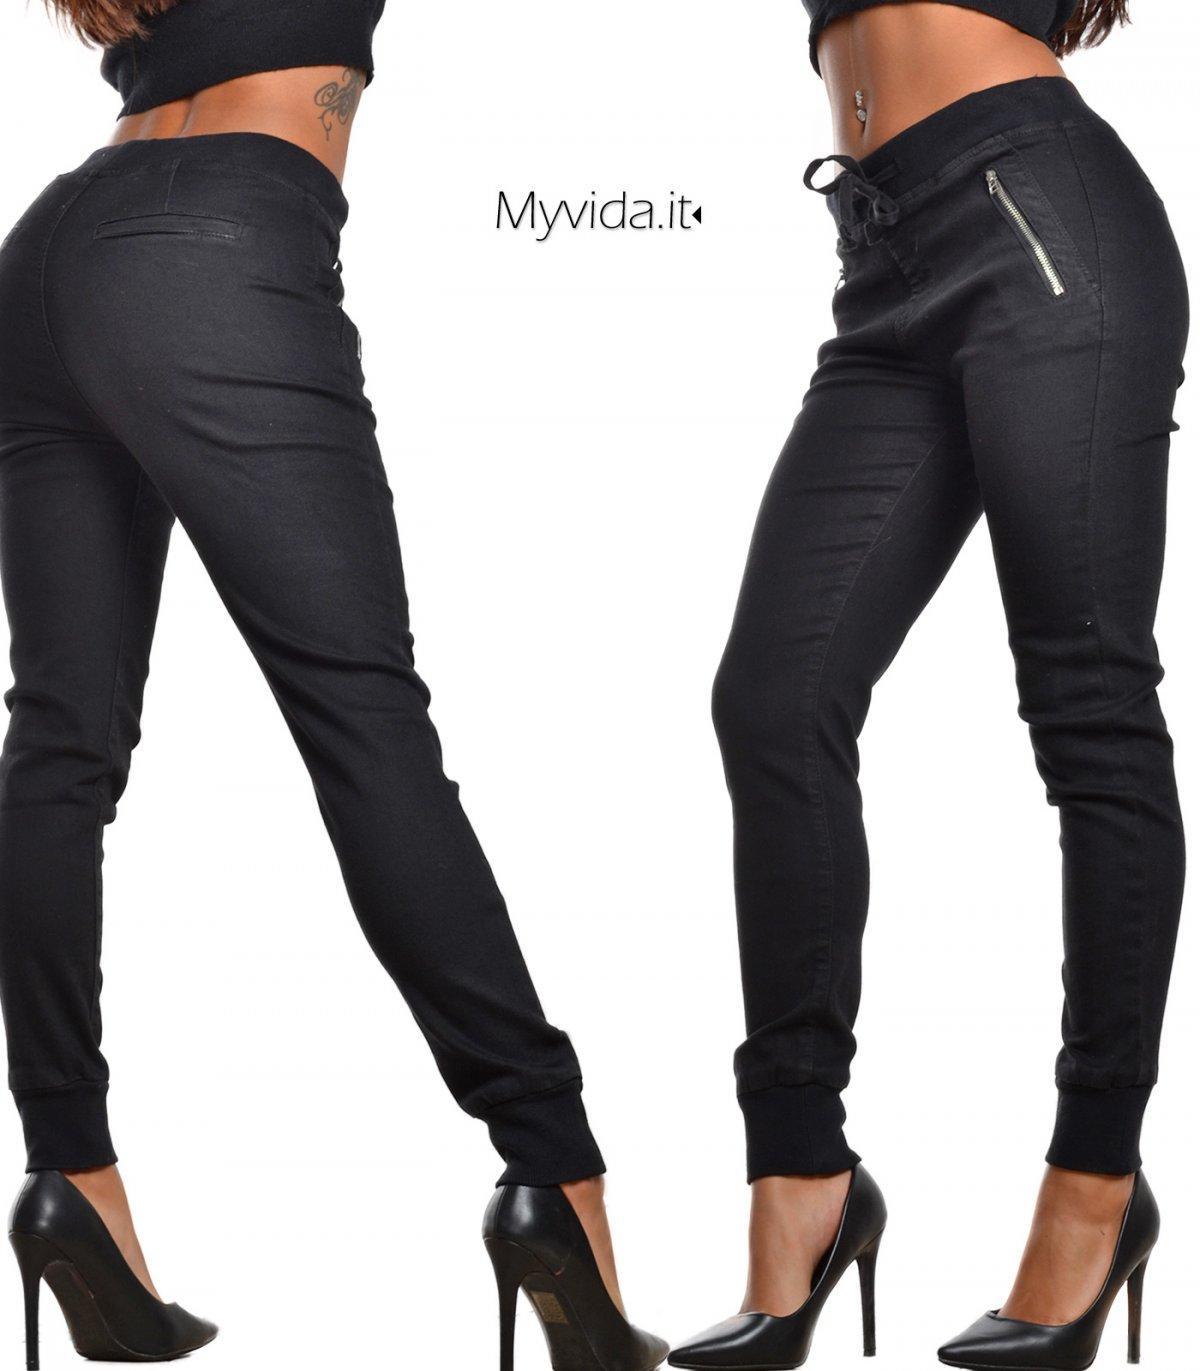 elegante nello stile acquisto speciale vendita uk Jeans donna stretti alla caviglia | My Vida